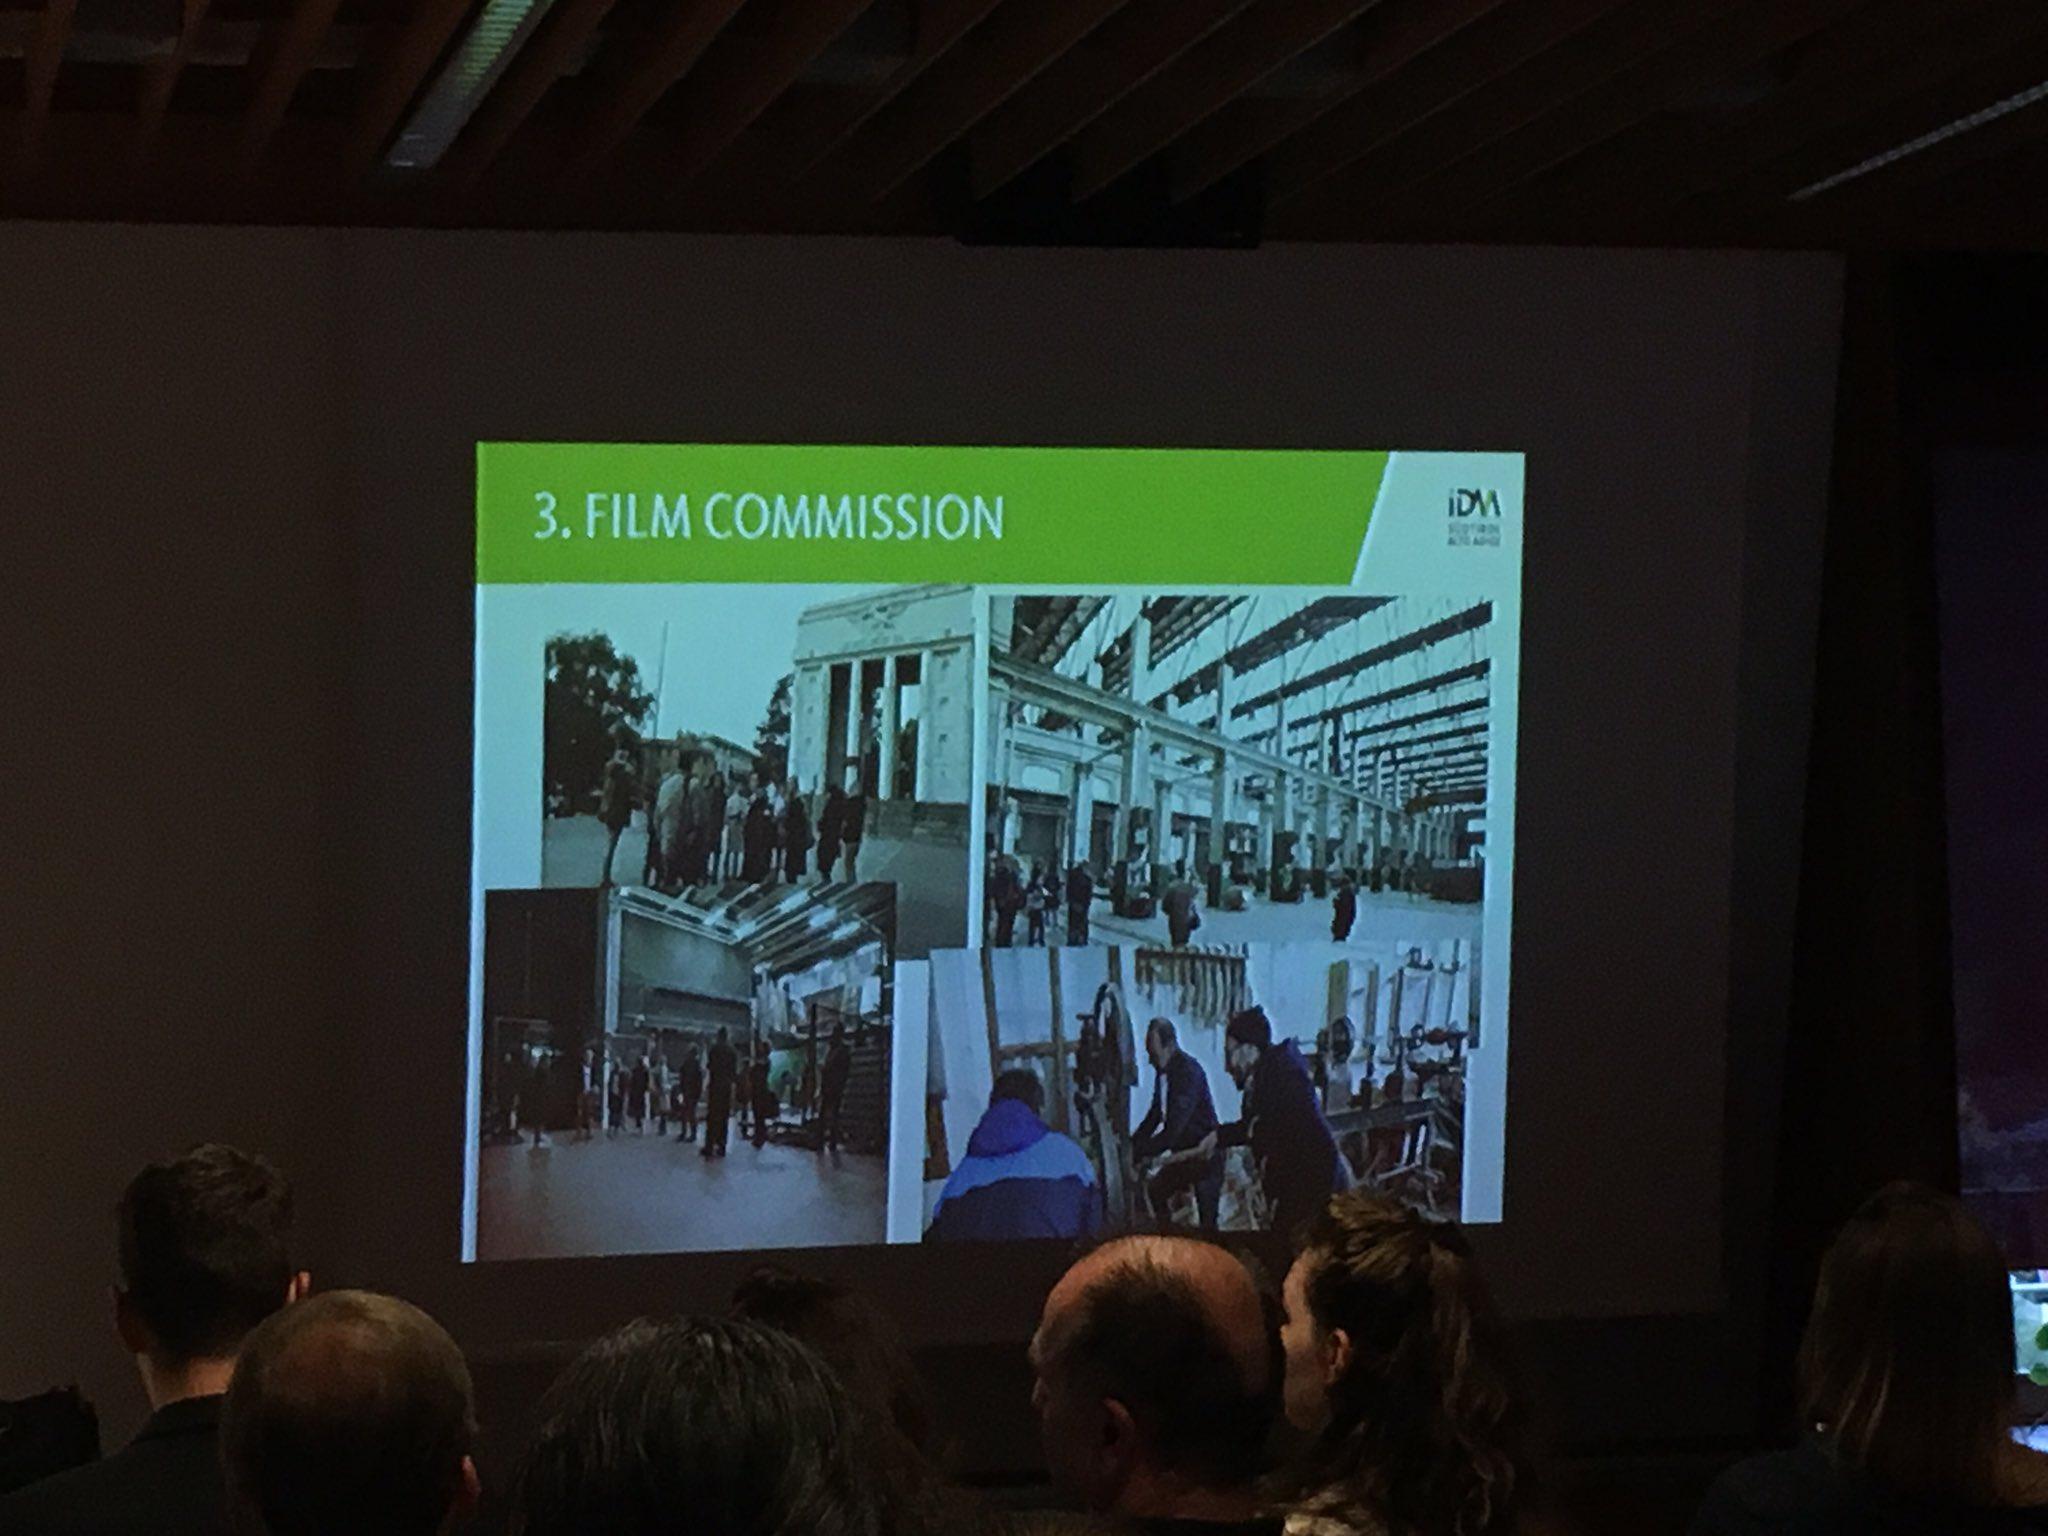 #tmcbz Film Commission ist Aufgabengebiet 3: Location Tours für Produktionsleiter. https://t.co/8UBE8qXBHW